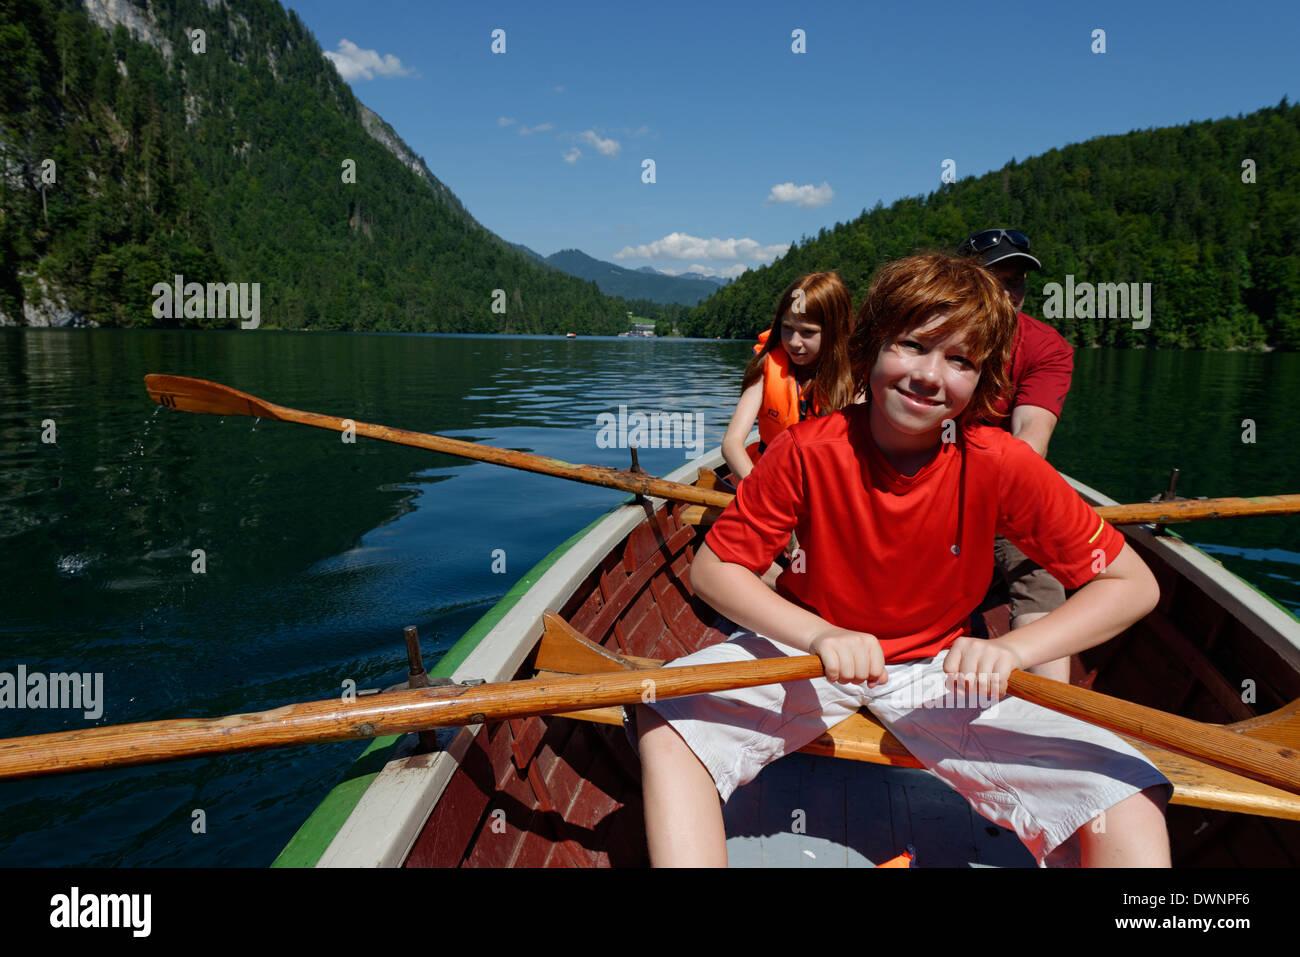 Los niños en un bote de remos en el lago Königssee, distrito de Berchtesgadener Land, Alta Baviera, Baviera, Alemania Imagen De Stock